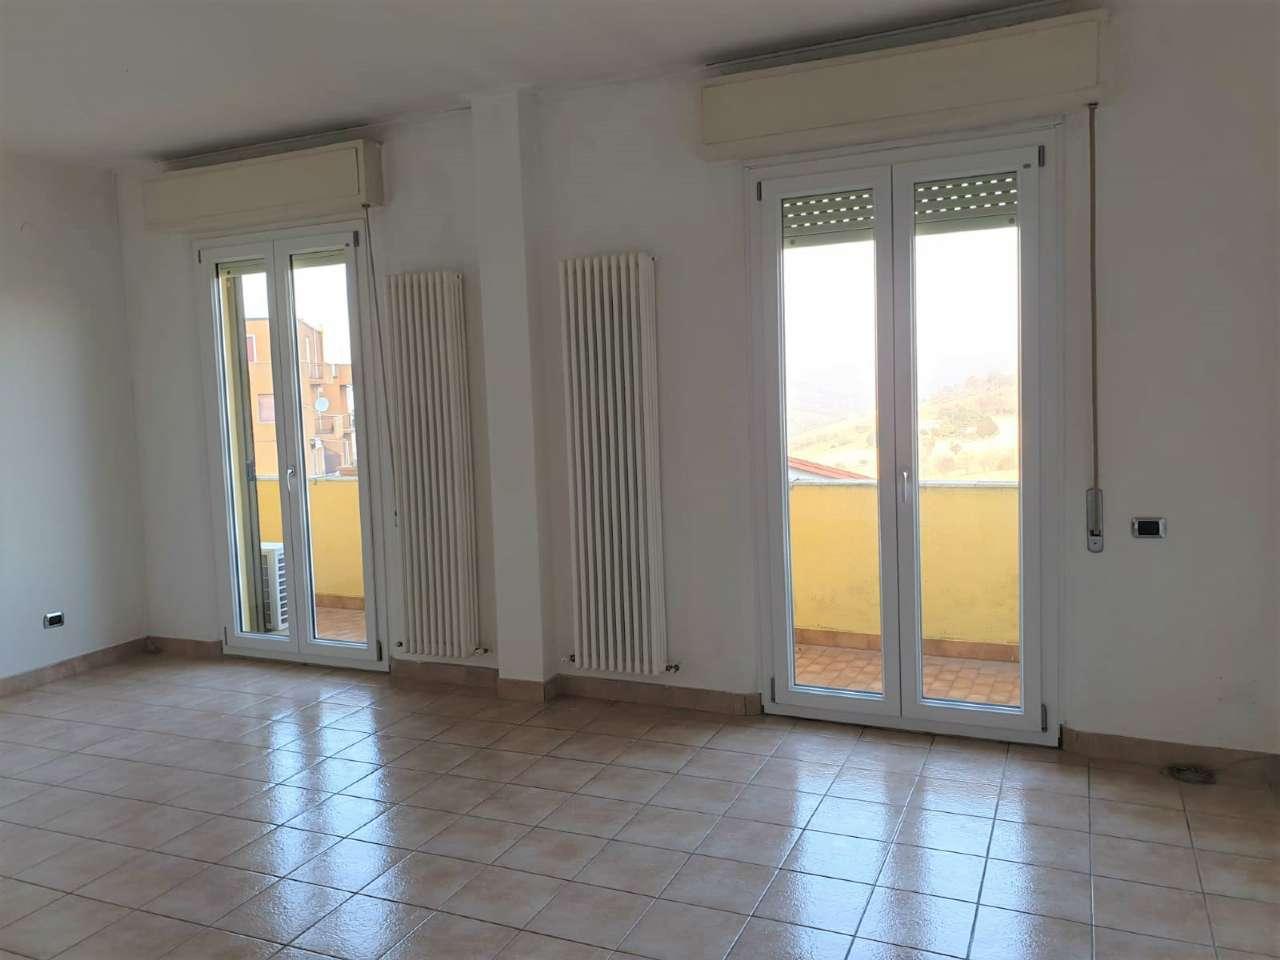 Appartamento ristrutturato in vendita Rif. 9242902